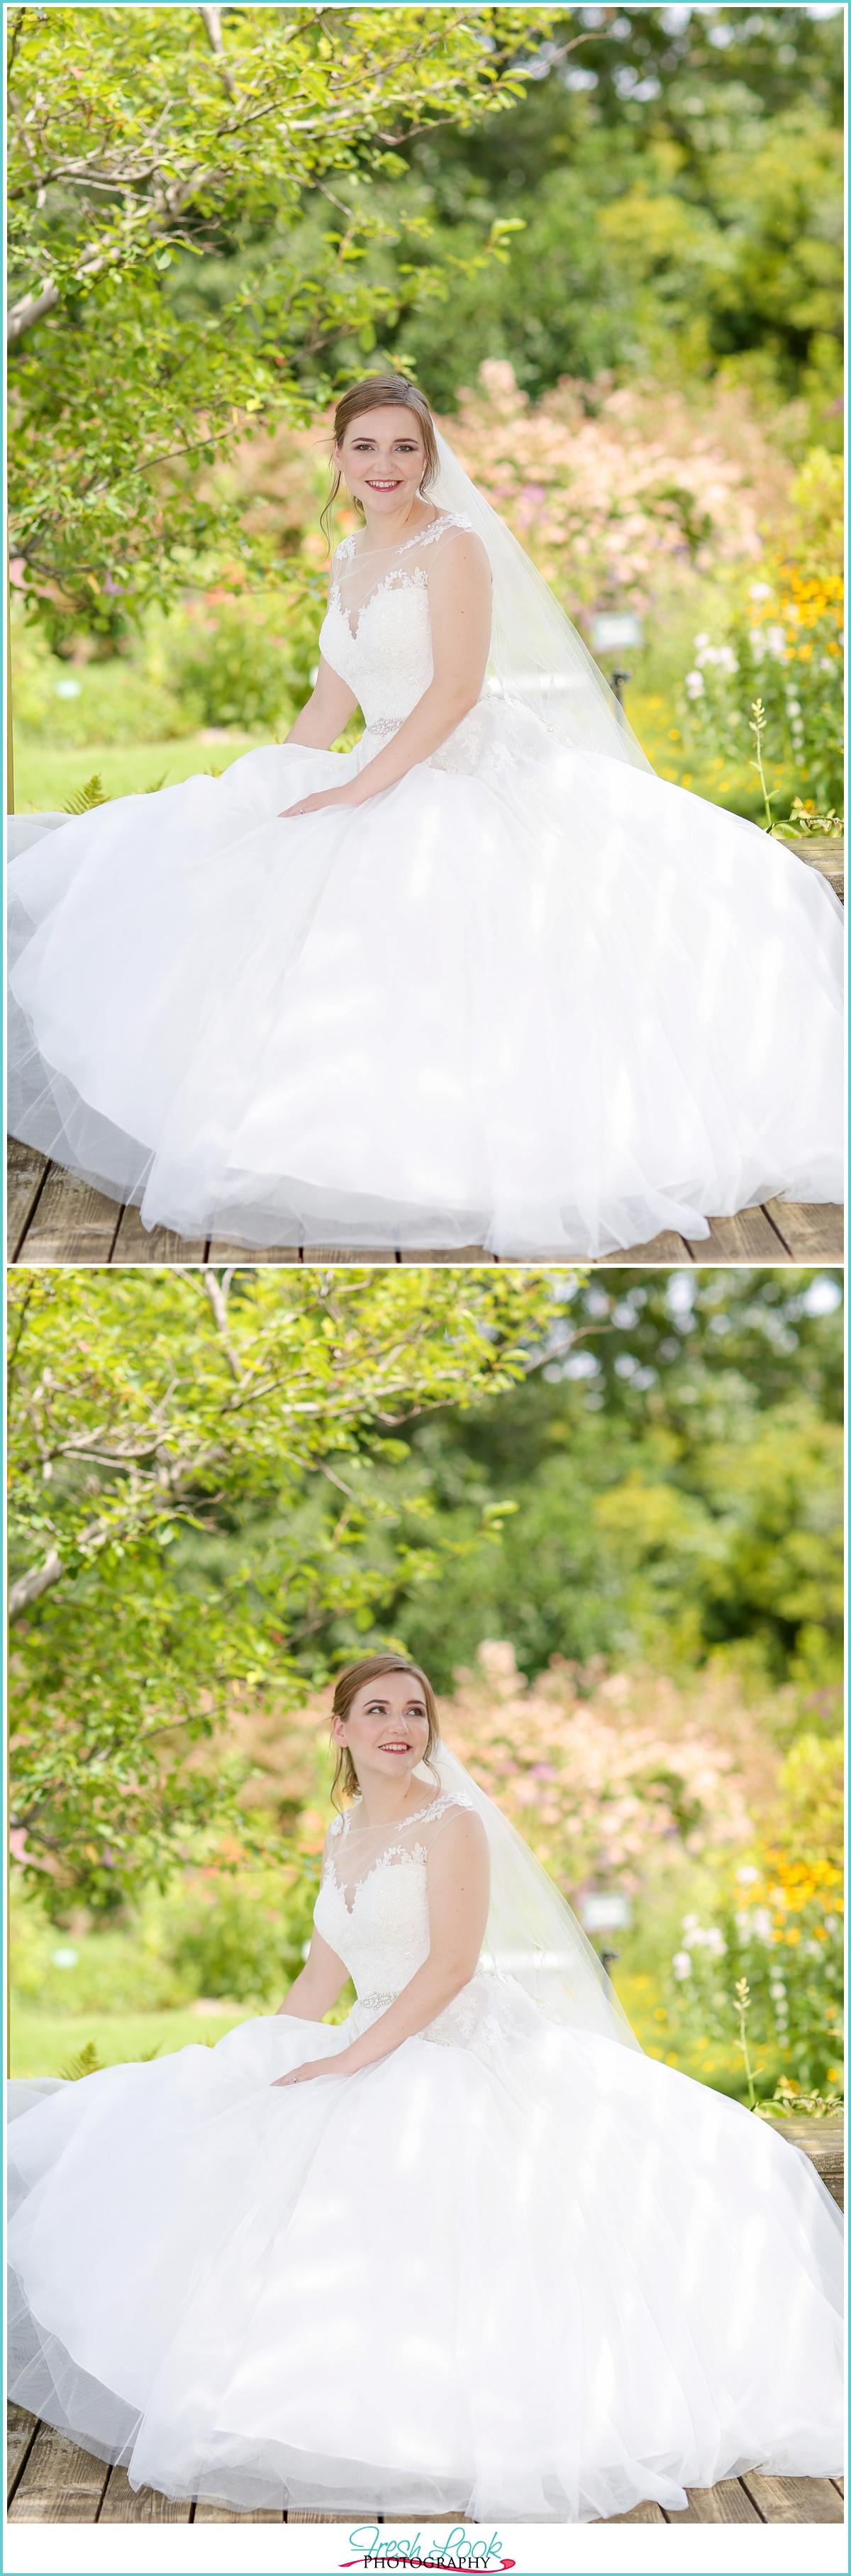 joyful fun bride